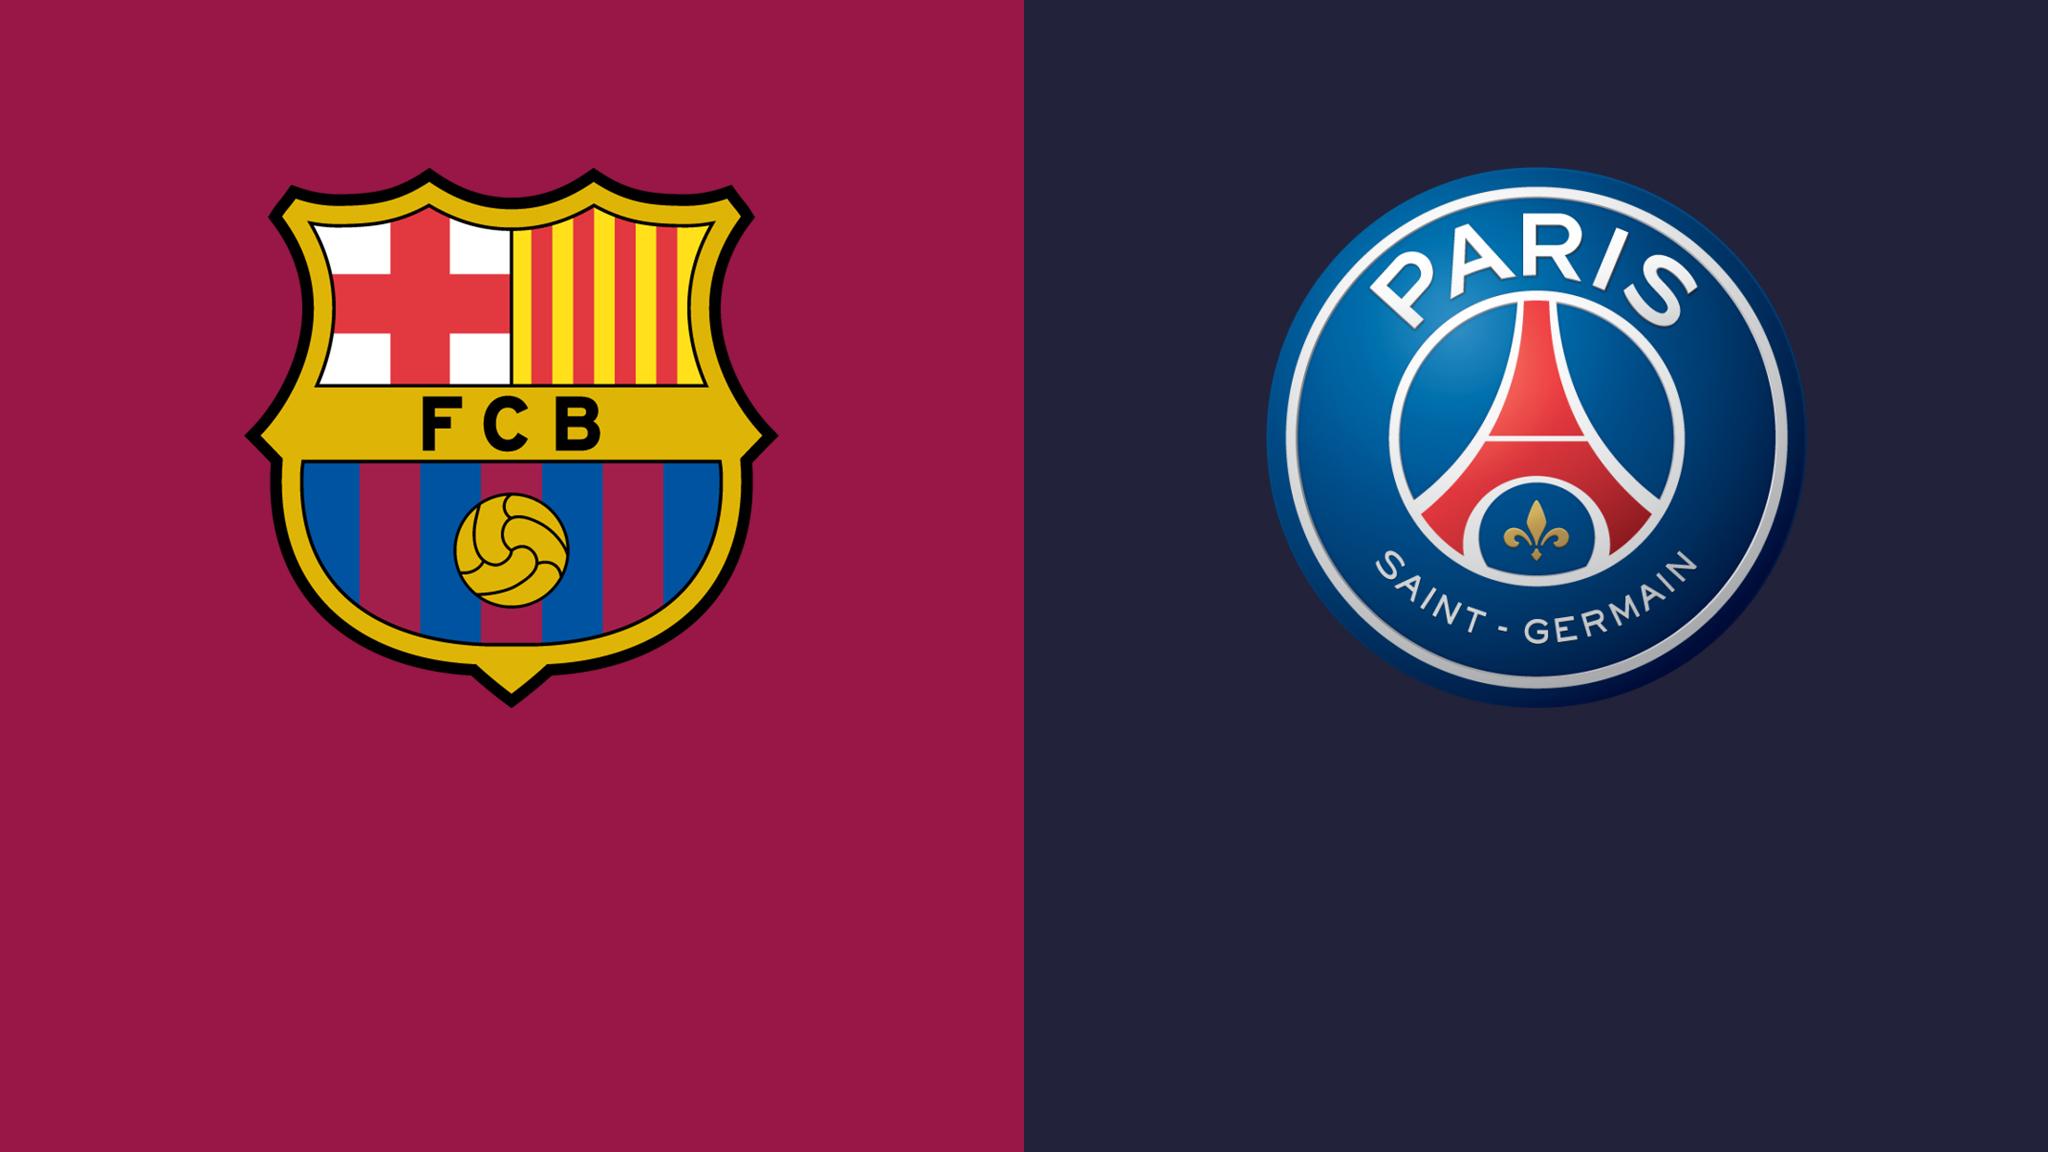 دليلك الشامل لمباراة برشلونة ضد باريس سان جيرمان الثلاثاء 16 فبراير في دوري أبطال أوروبا